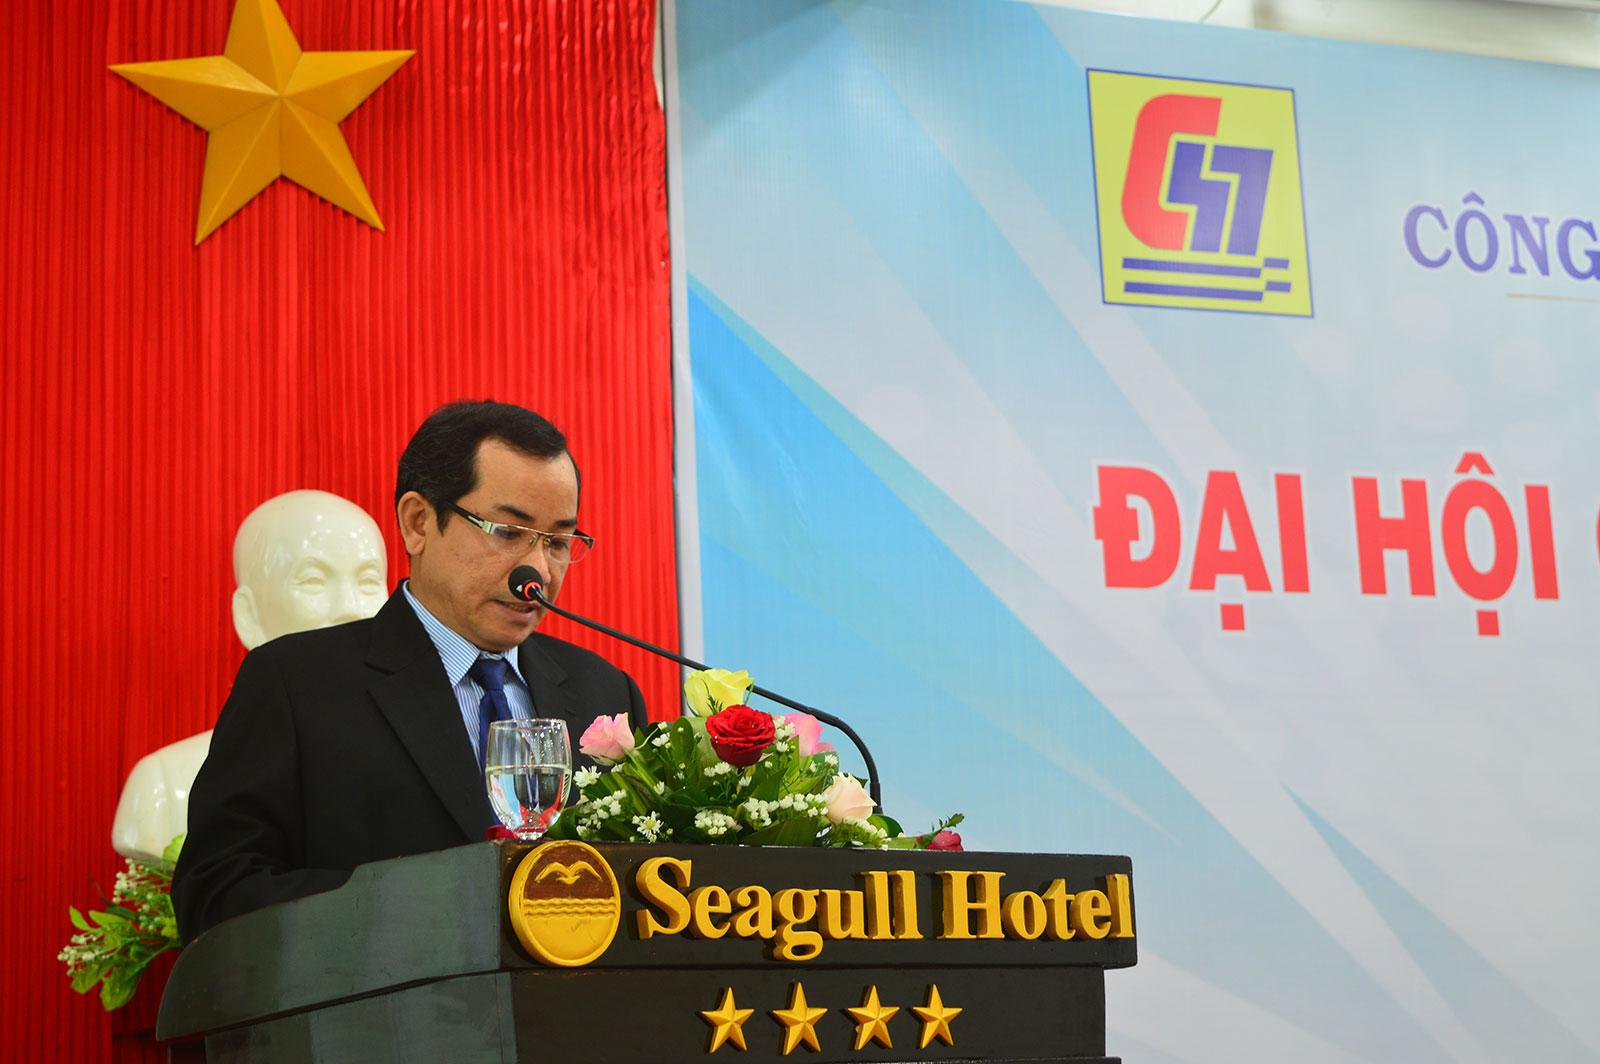 Ông Lương Đăng Hào – Trưởng Ban kiểm soát công ty báo cáo tại đại hội.